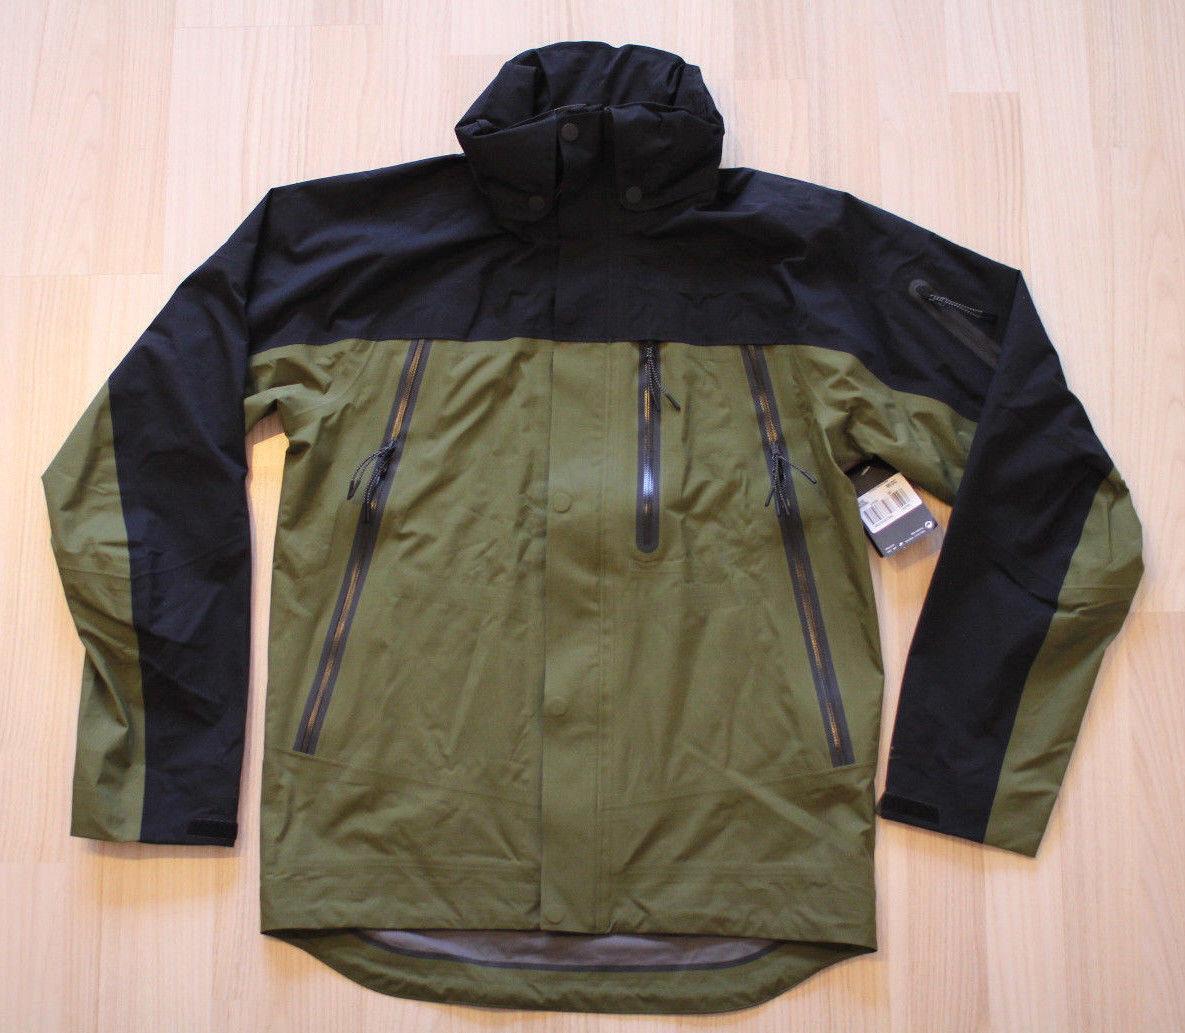 Nike blanco Label Gore-Tex outdoor chaqueta Olive negro talla s, m nuevo & OVP